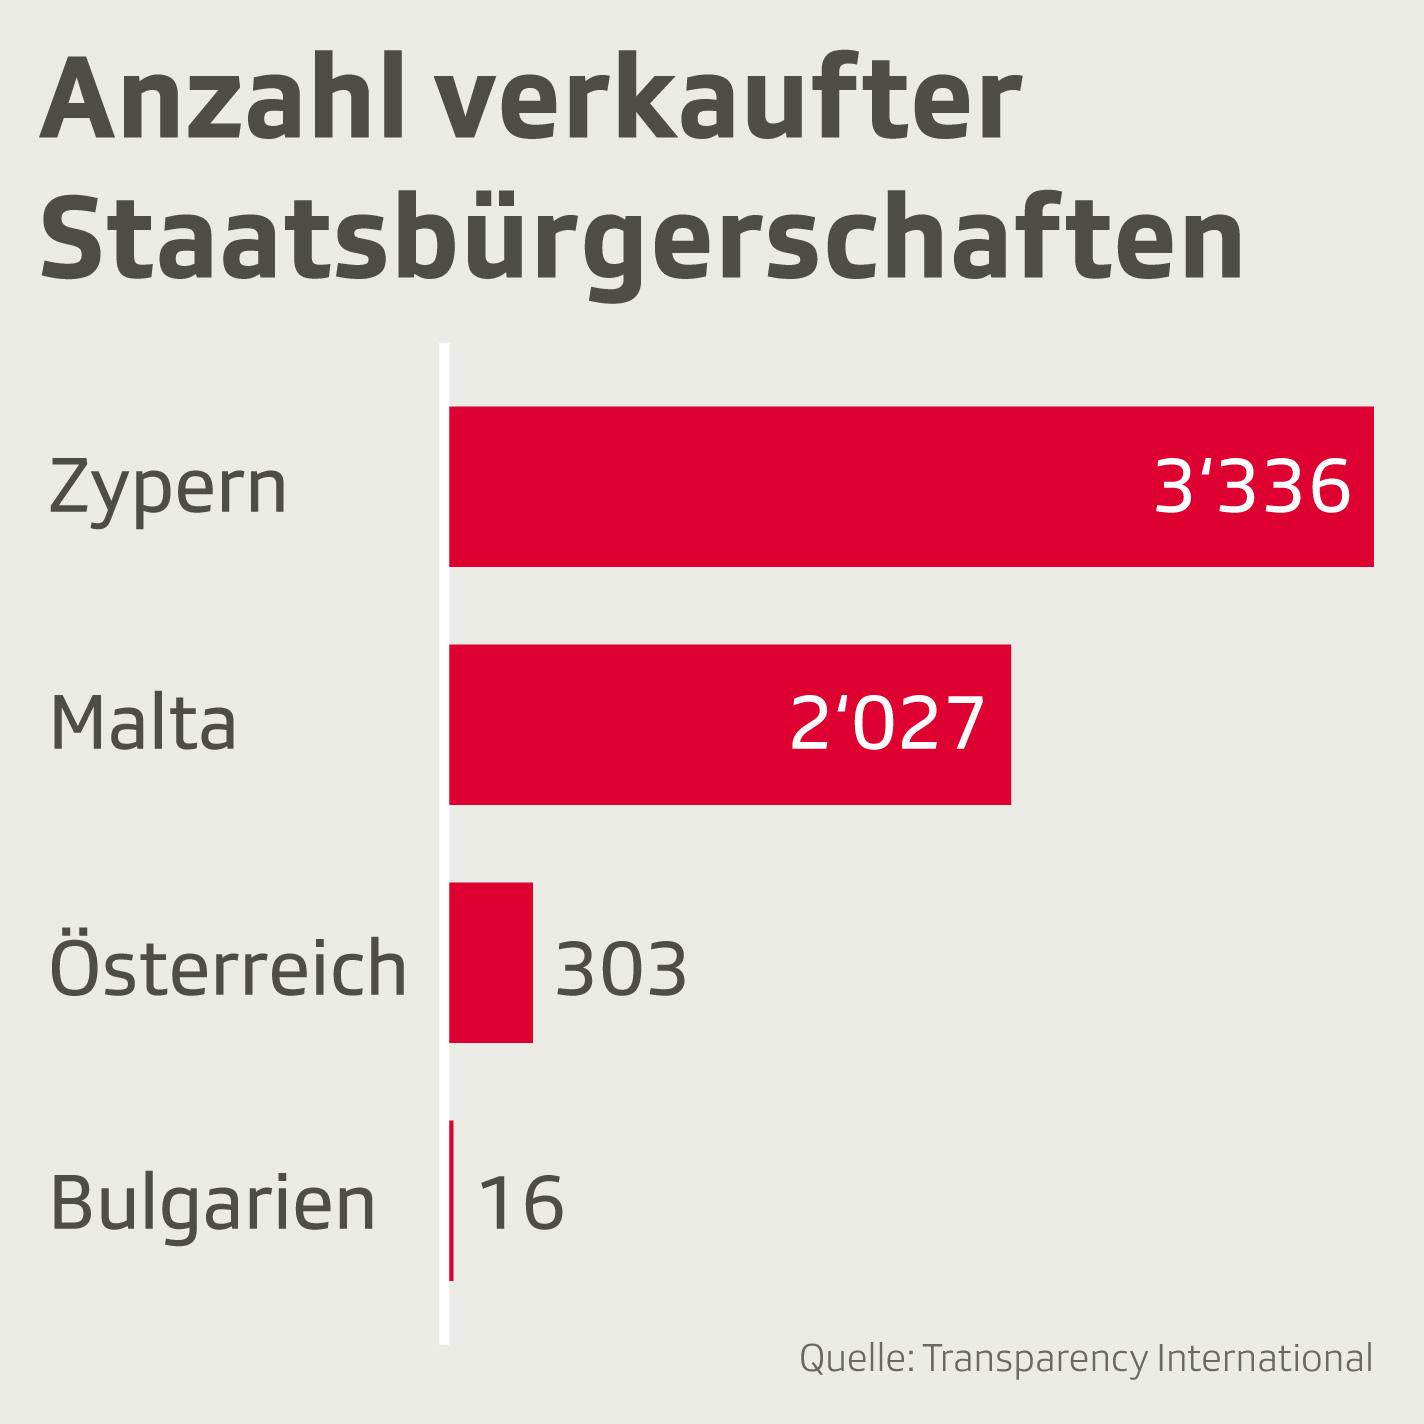 Anzahl verkaufter Staatsbürgerschaften